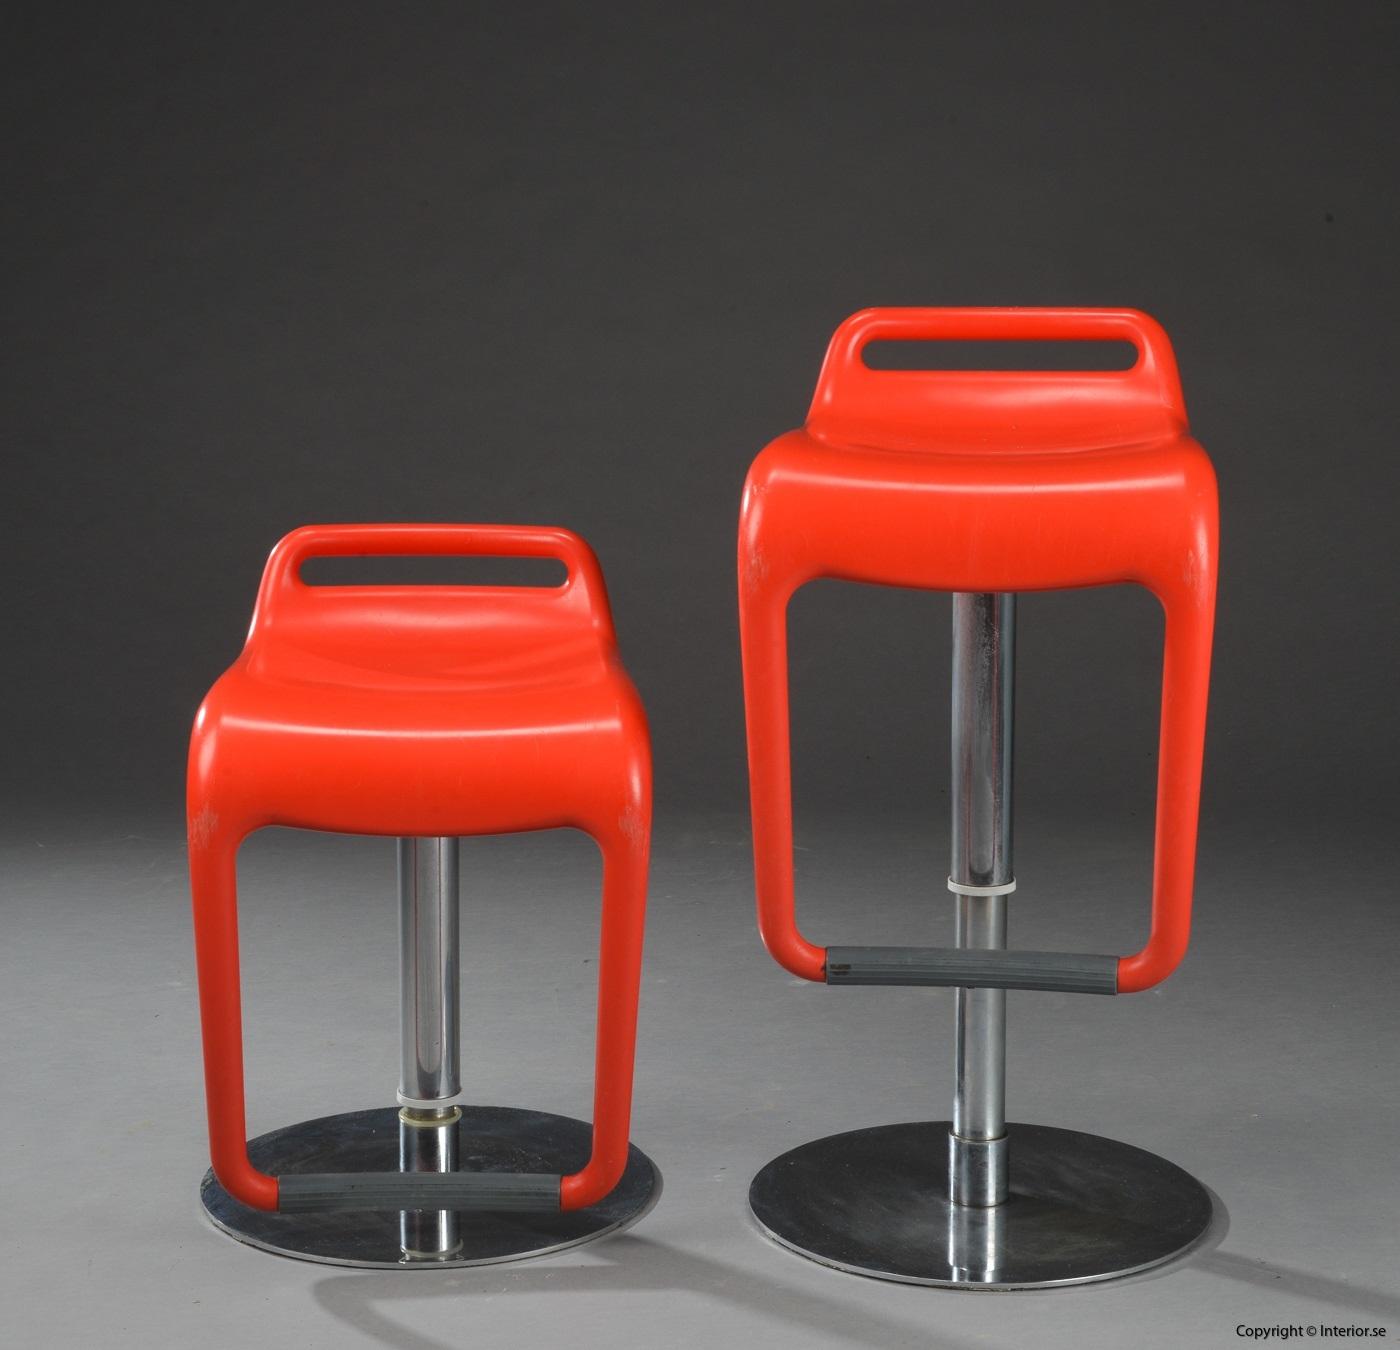 1 Segis Noon Archirivolto design barstol höj och sänkbar begagnade designmöbler (2)